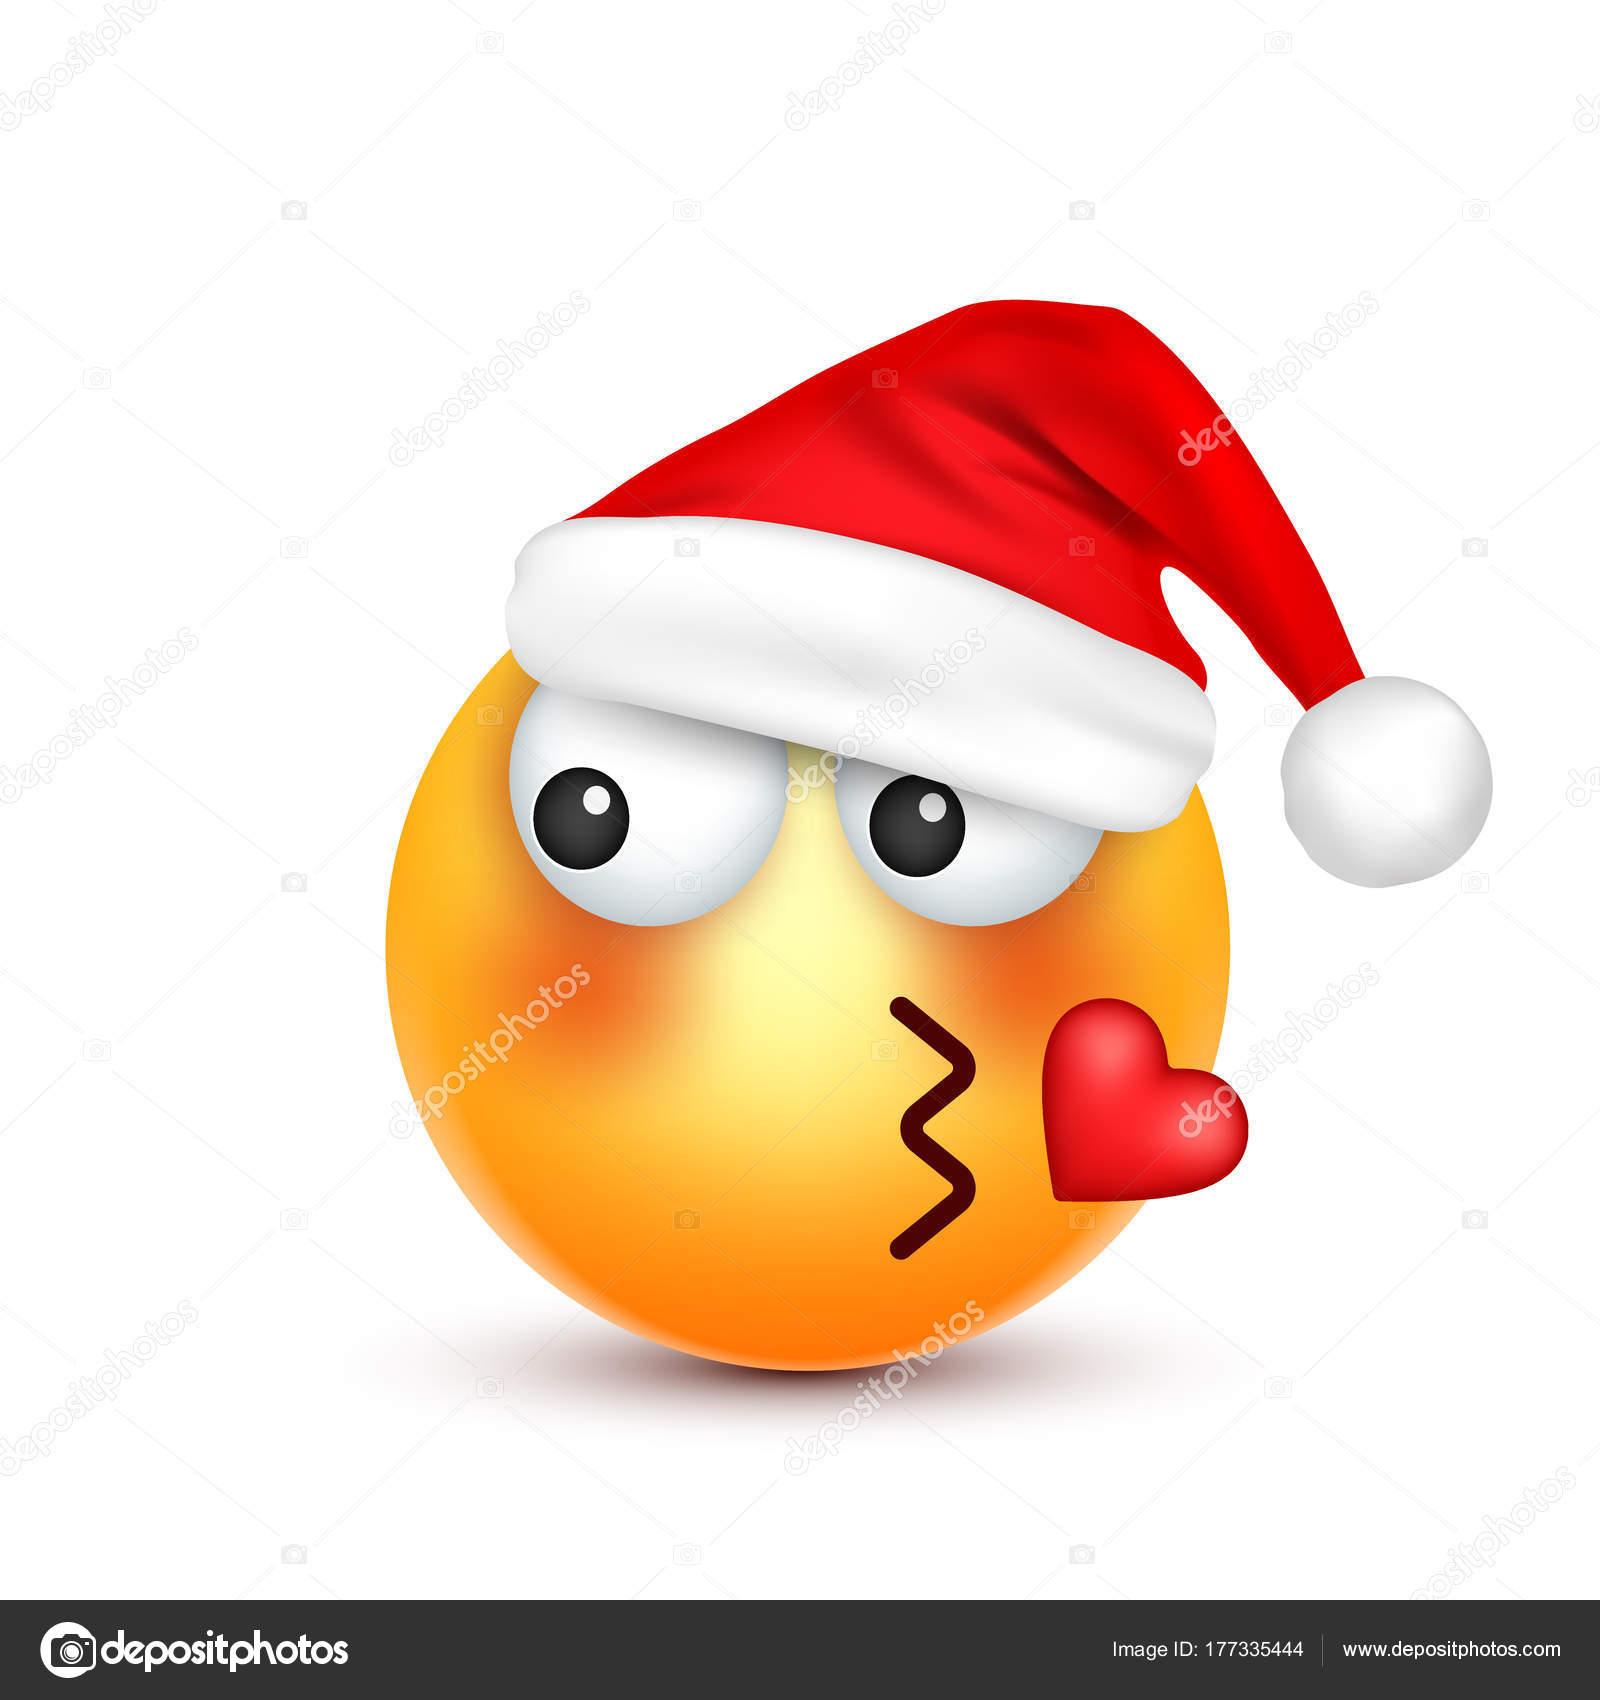 Smiley fronte con le emozioni emoji realistico umore triste o